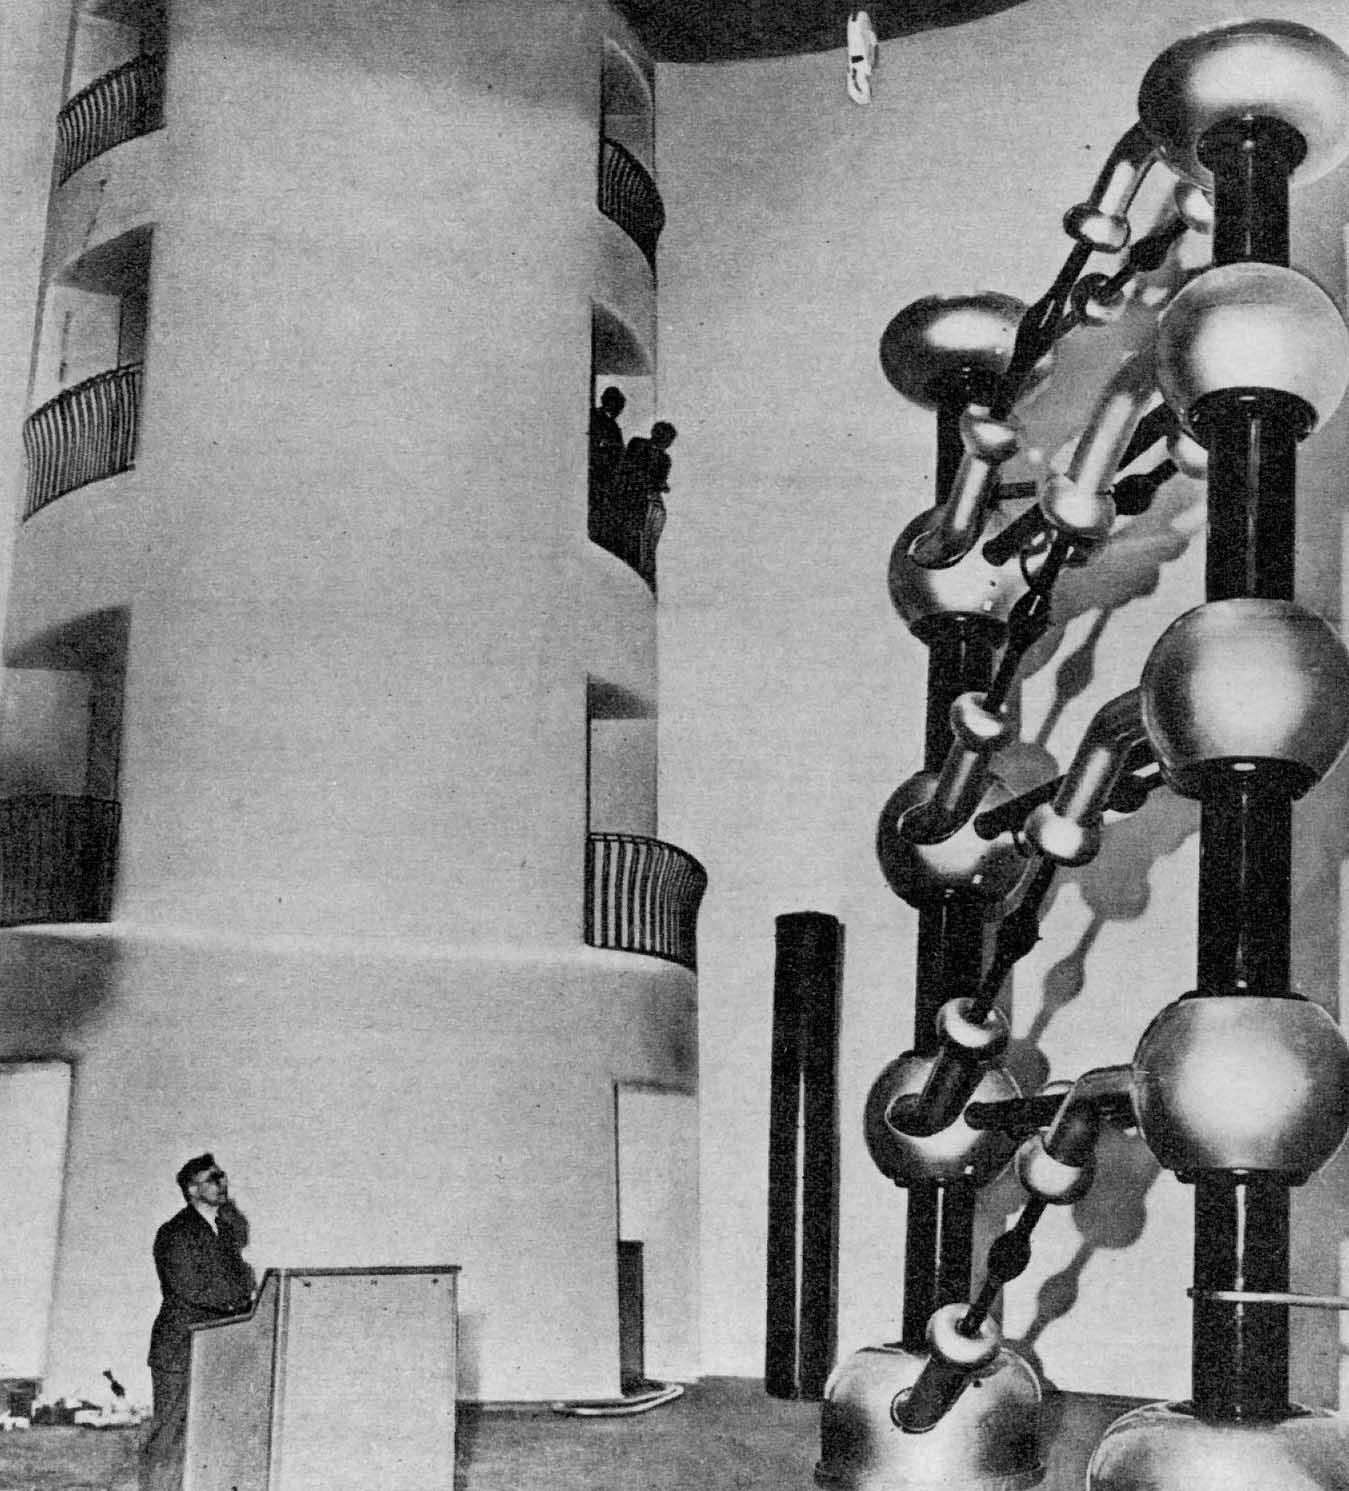 """Fotografie von Kaskadengenerator im """"Turm der Blitze"""" im Kaiser-Wilhelm-Institut für Physik, 1939."""